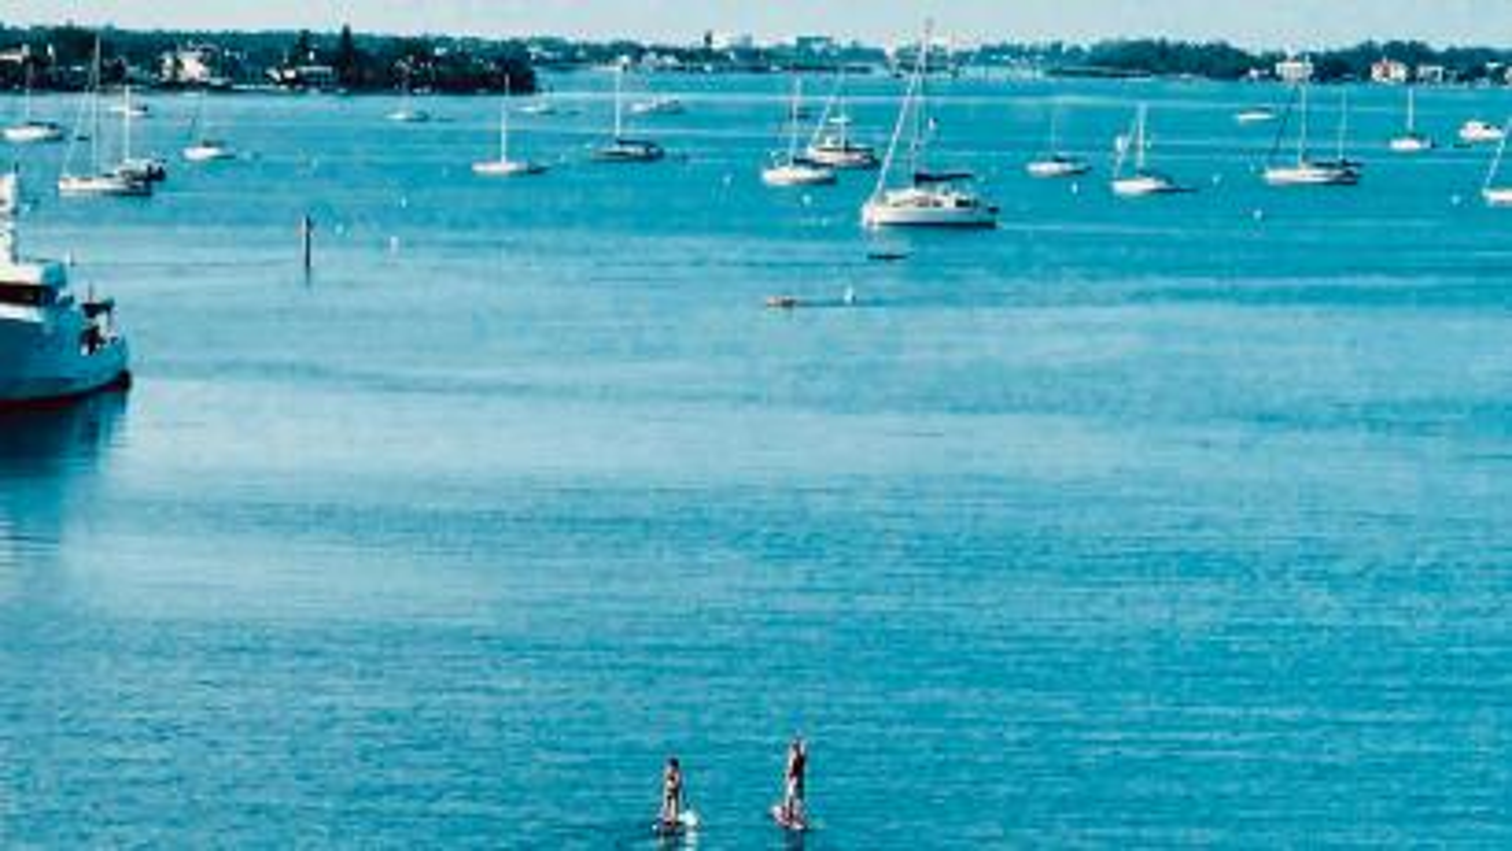 Bay and boats.